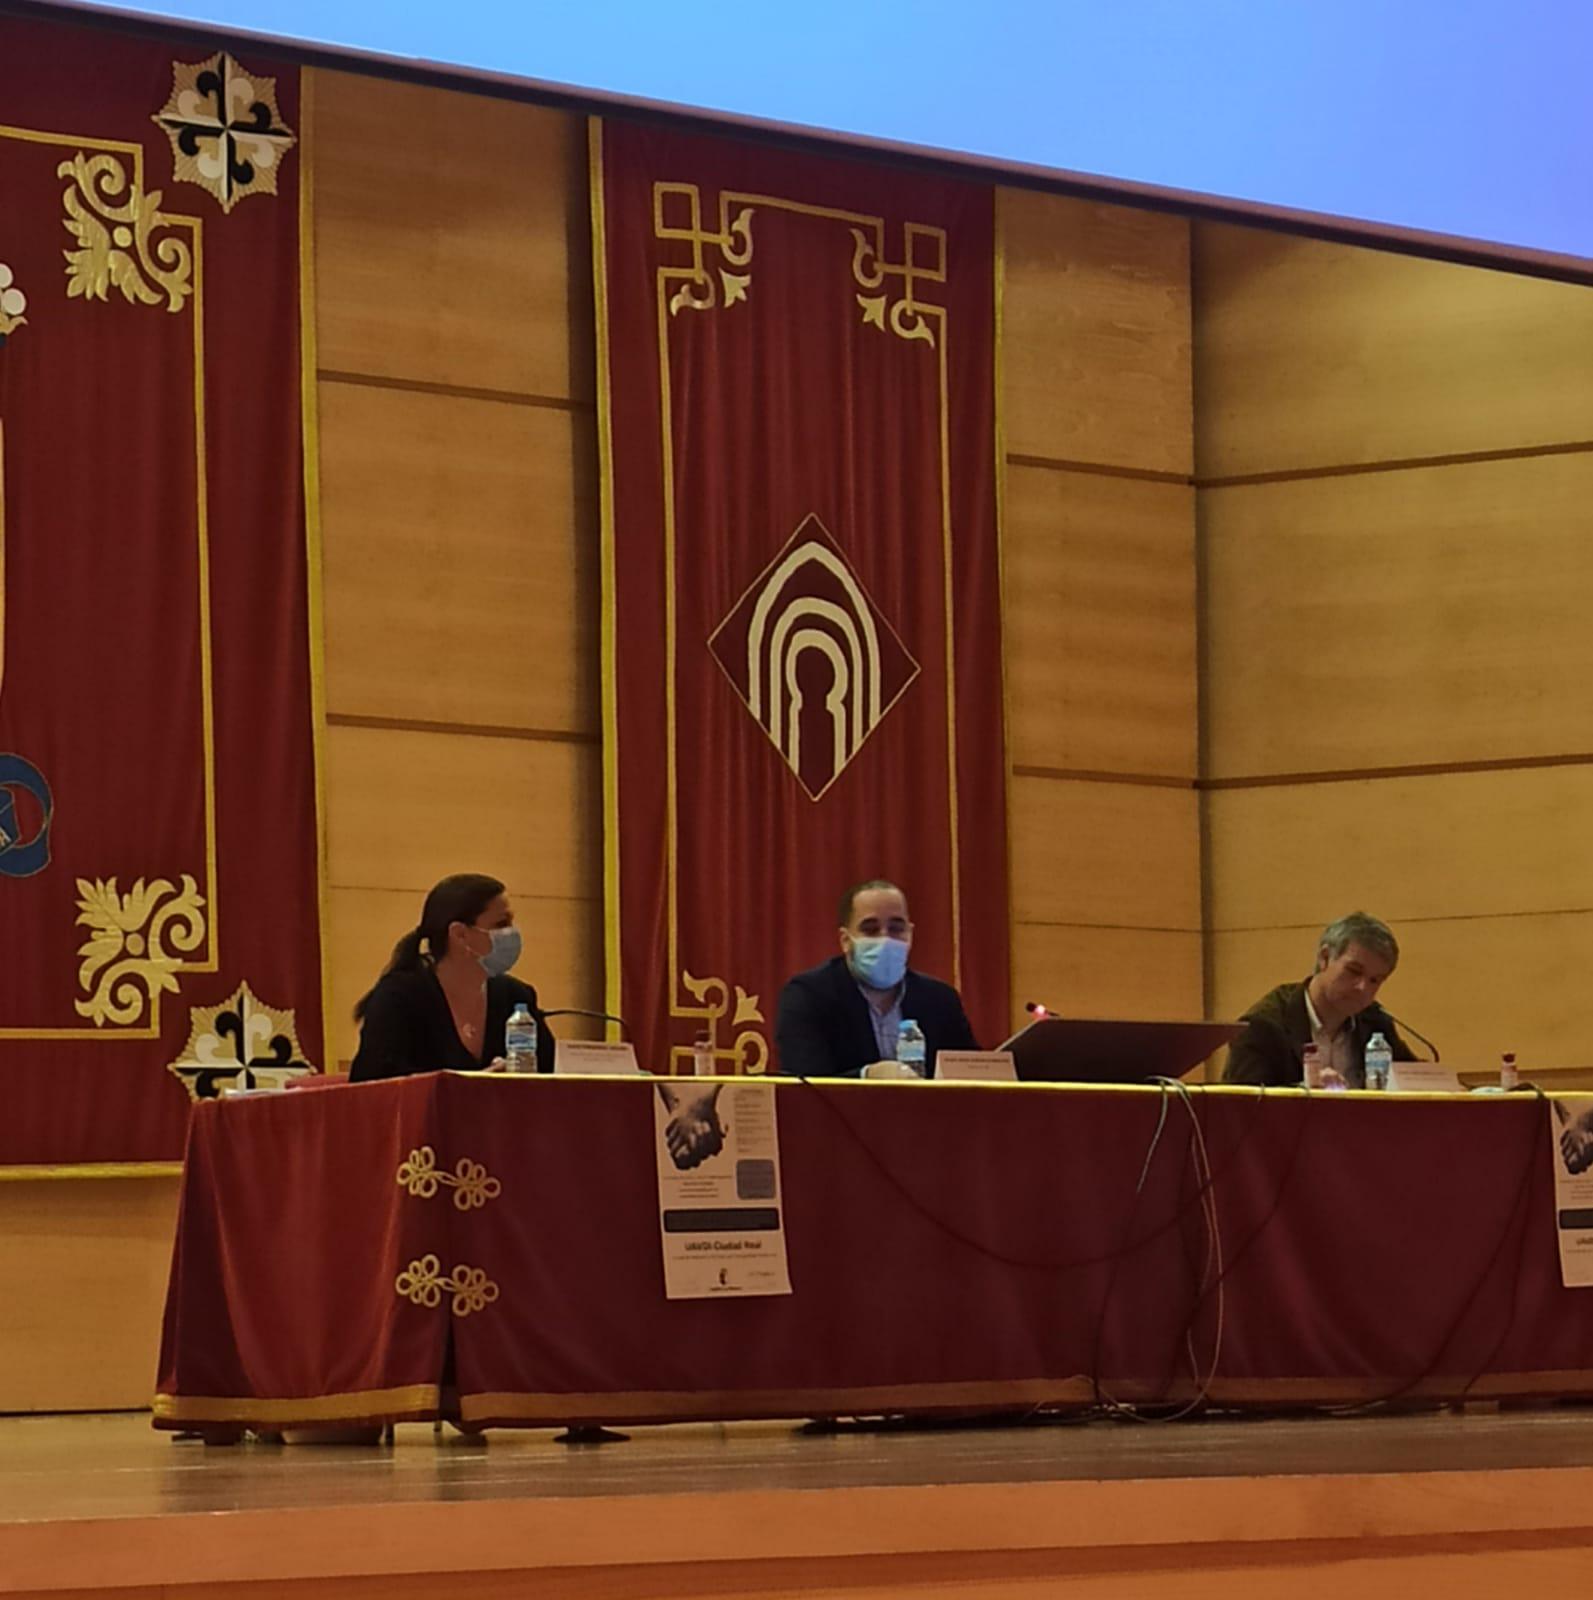 Caballero y Fernández ponen en valor los avances imparables que se están produciendo en derechos para las personas con discapacidad